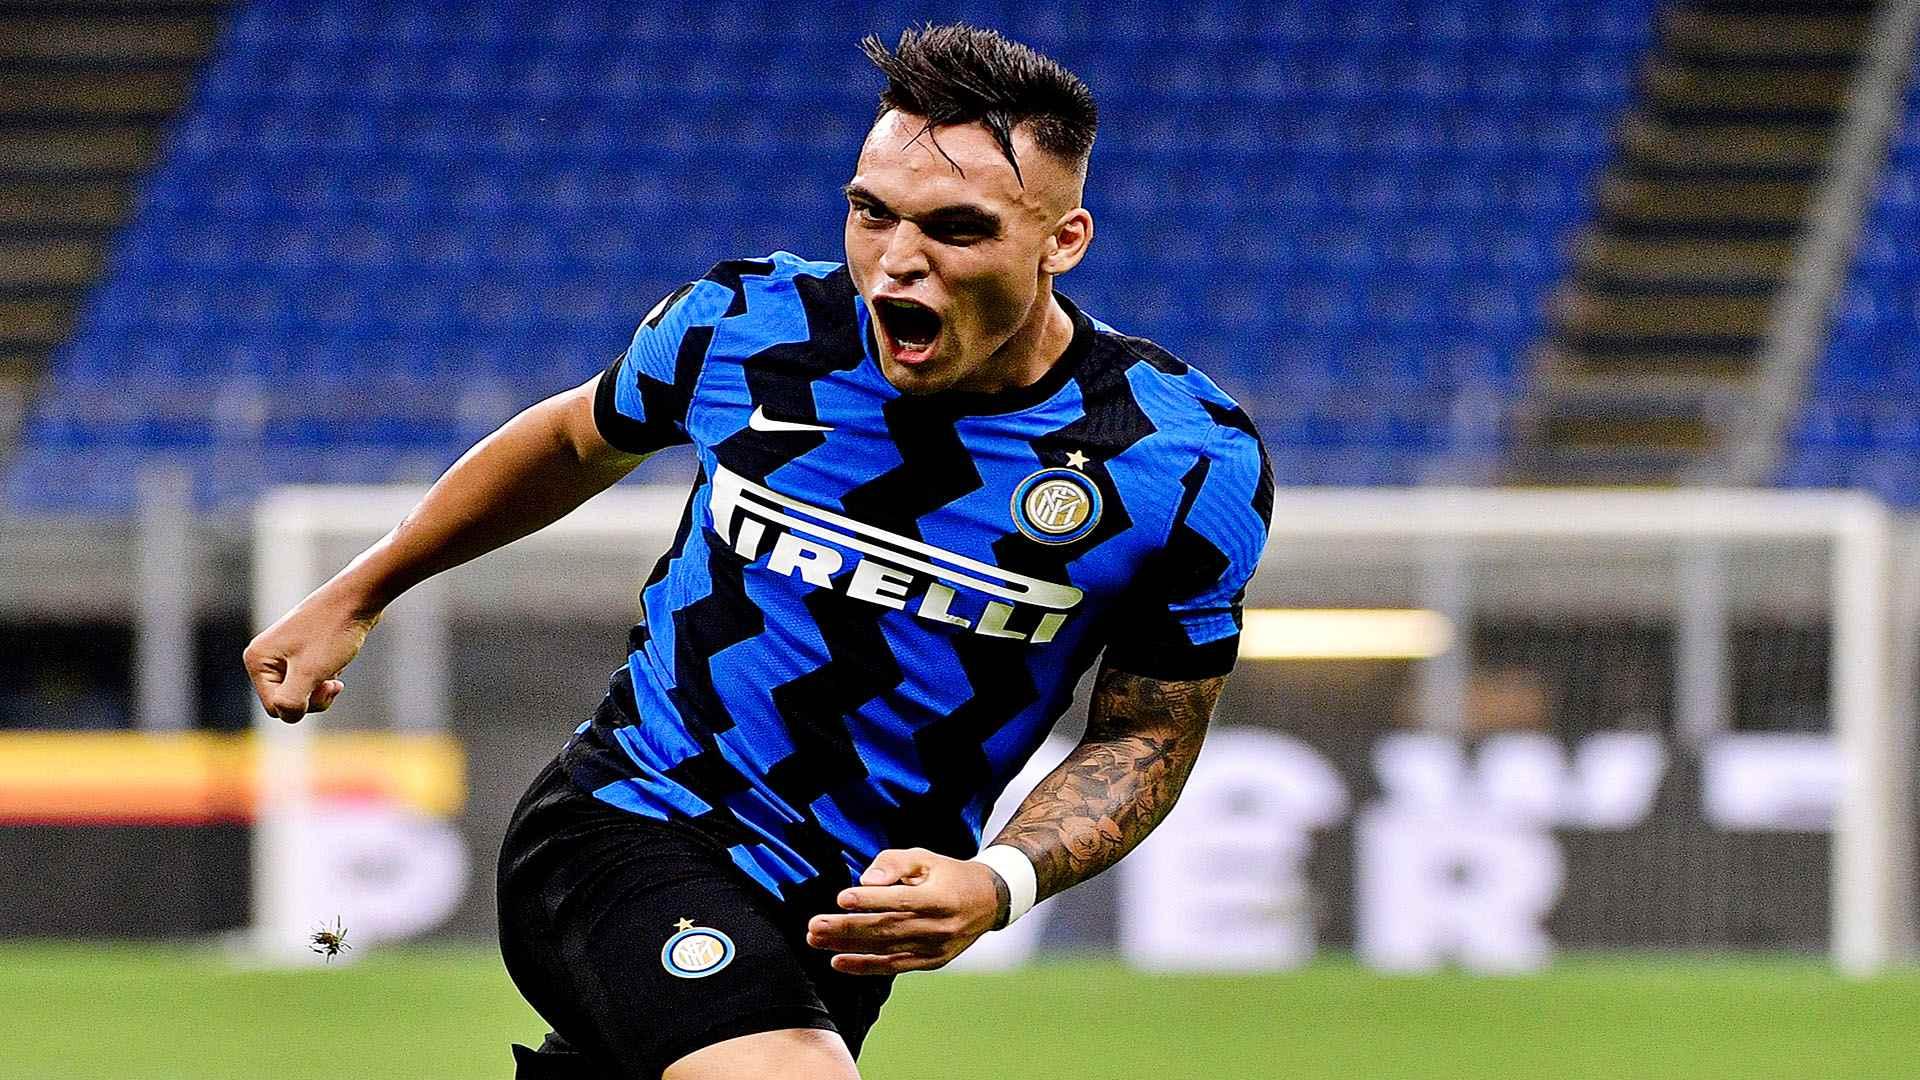 L'Inter comincia alla grande: 6-2 al Crotone